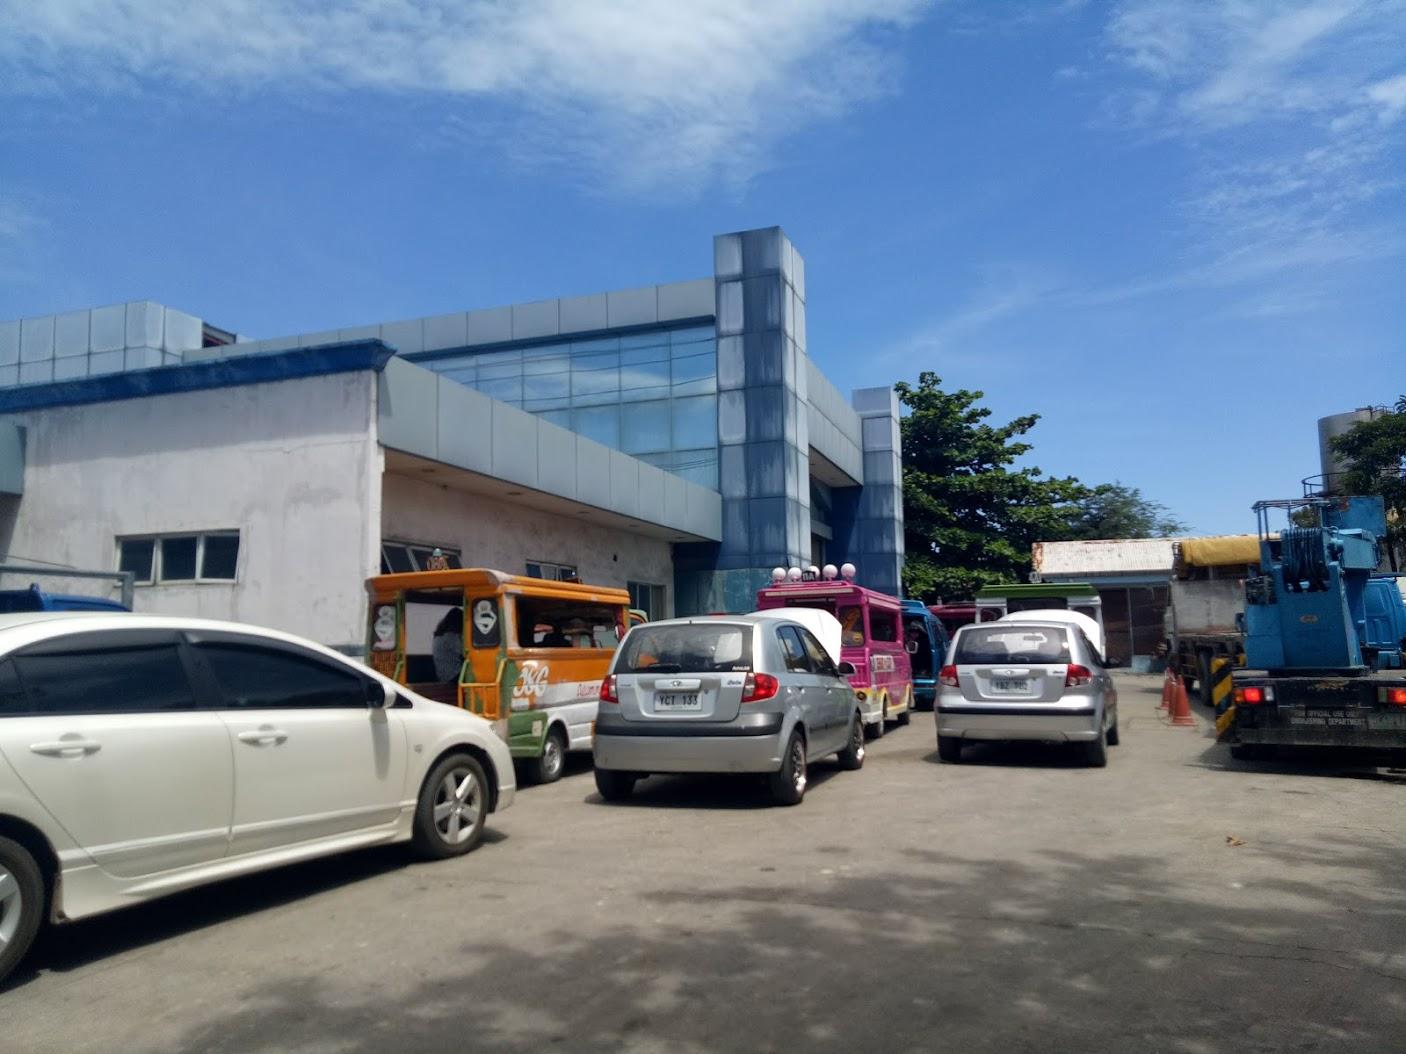 【フィリピン】セブ島でのバイク車検更新手続きを徹底解説!